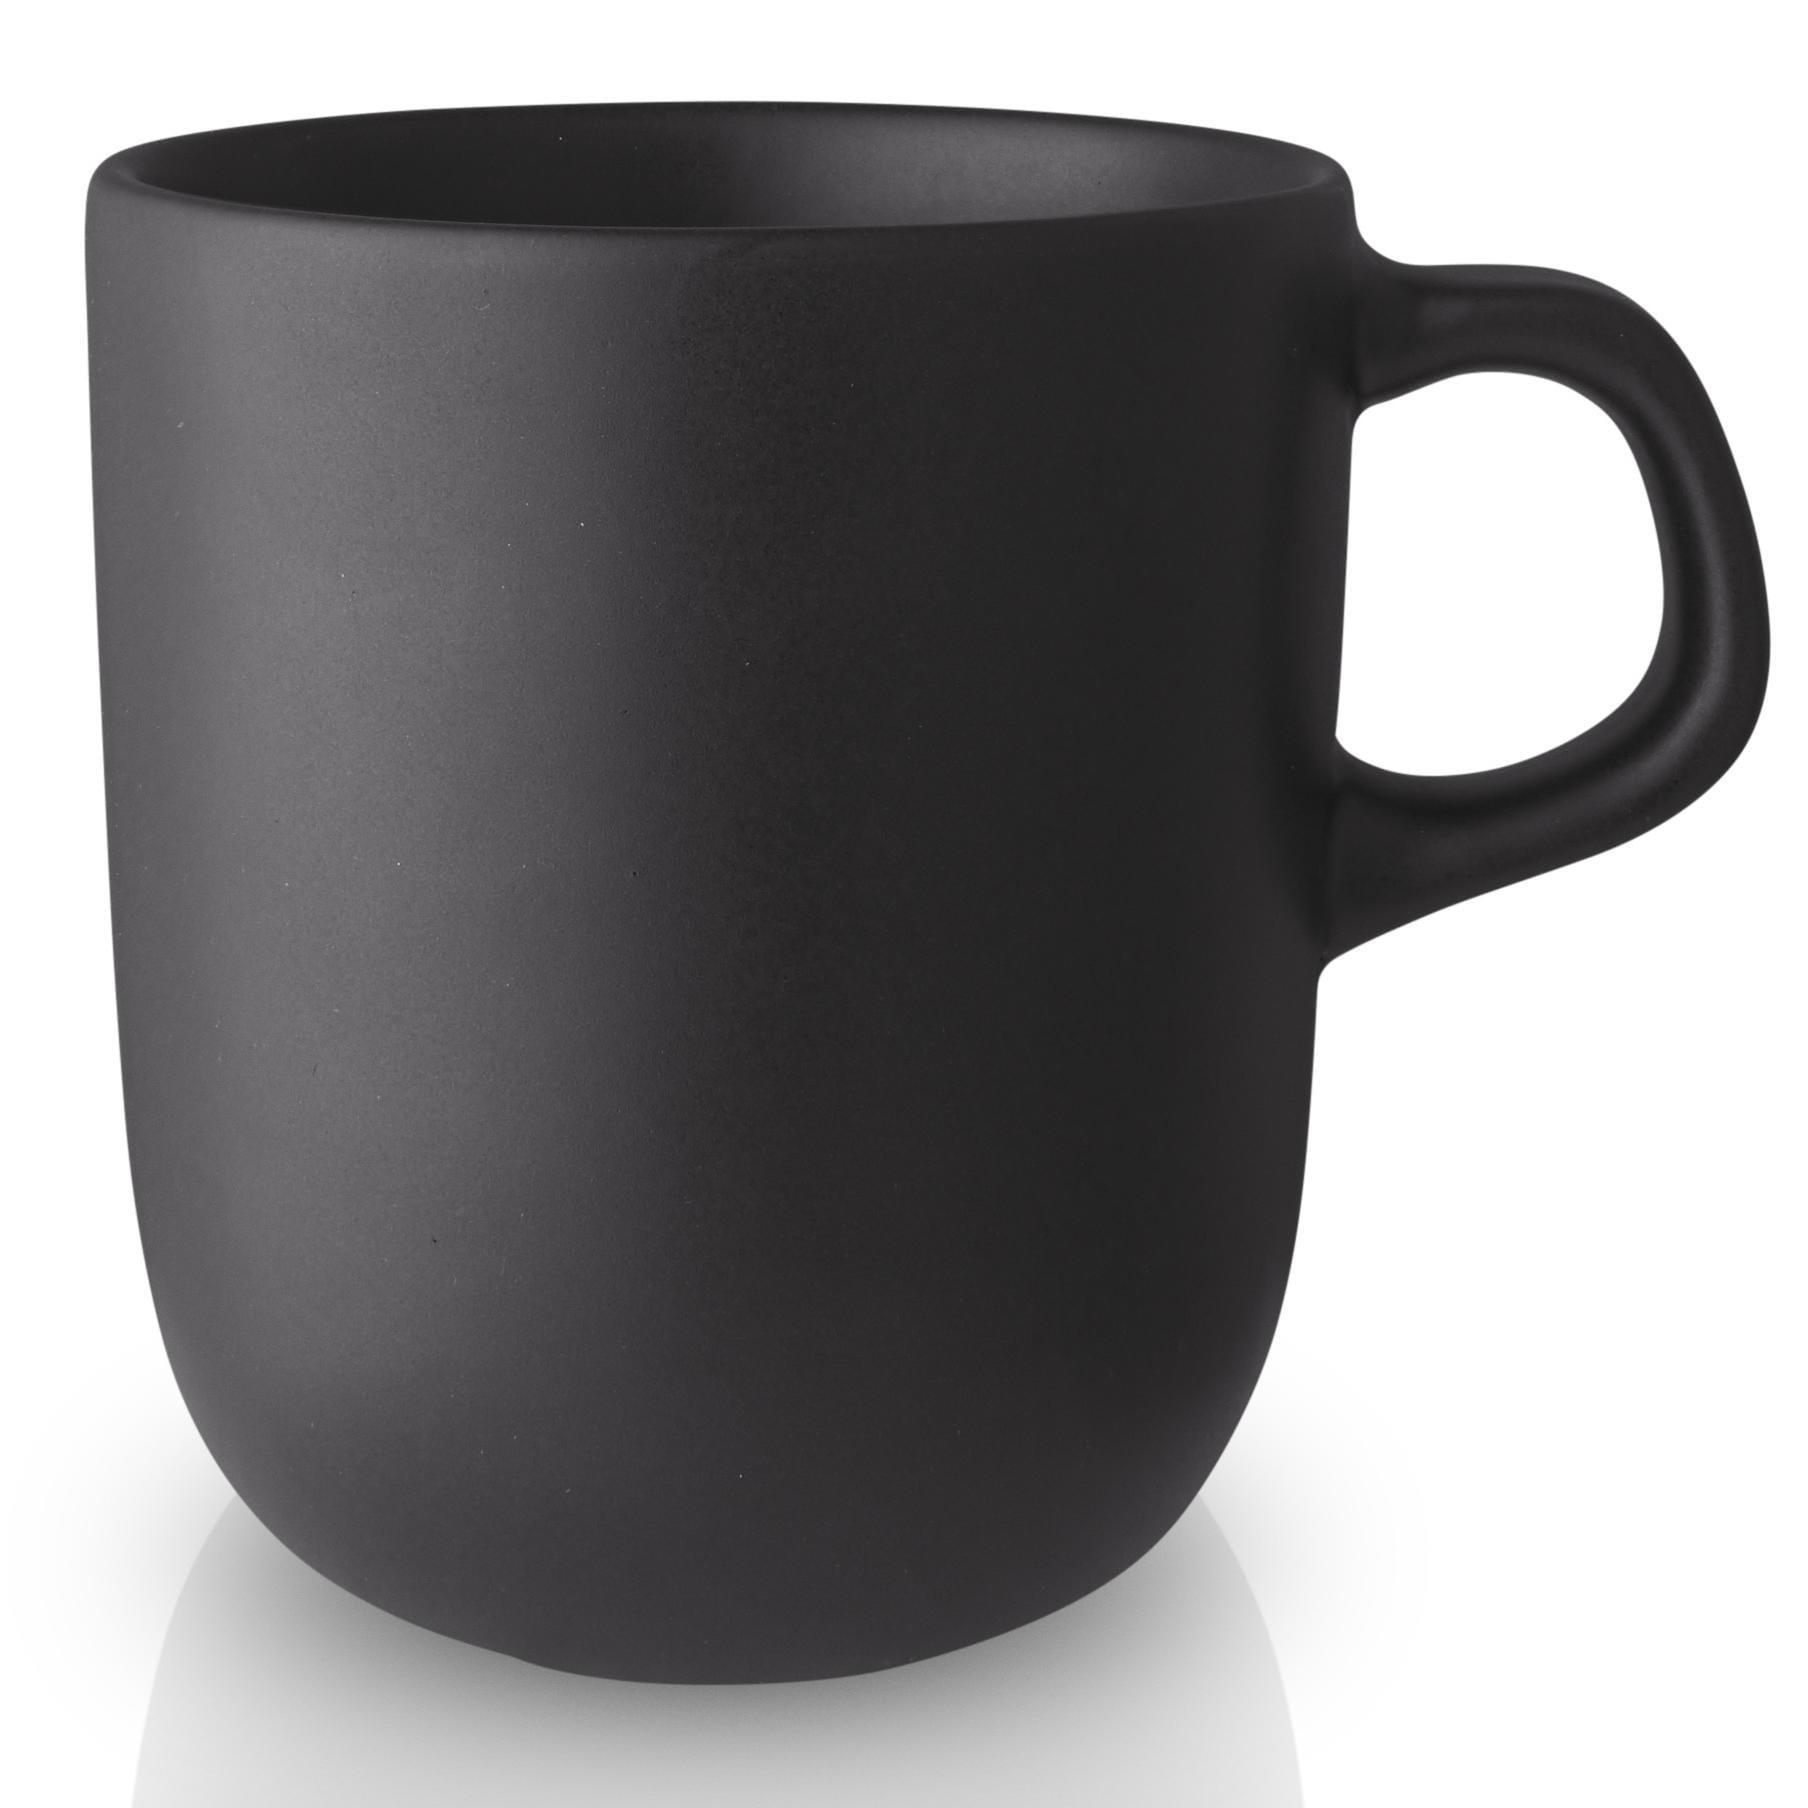 Eva Solo Nordic Kitchen Cups